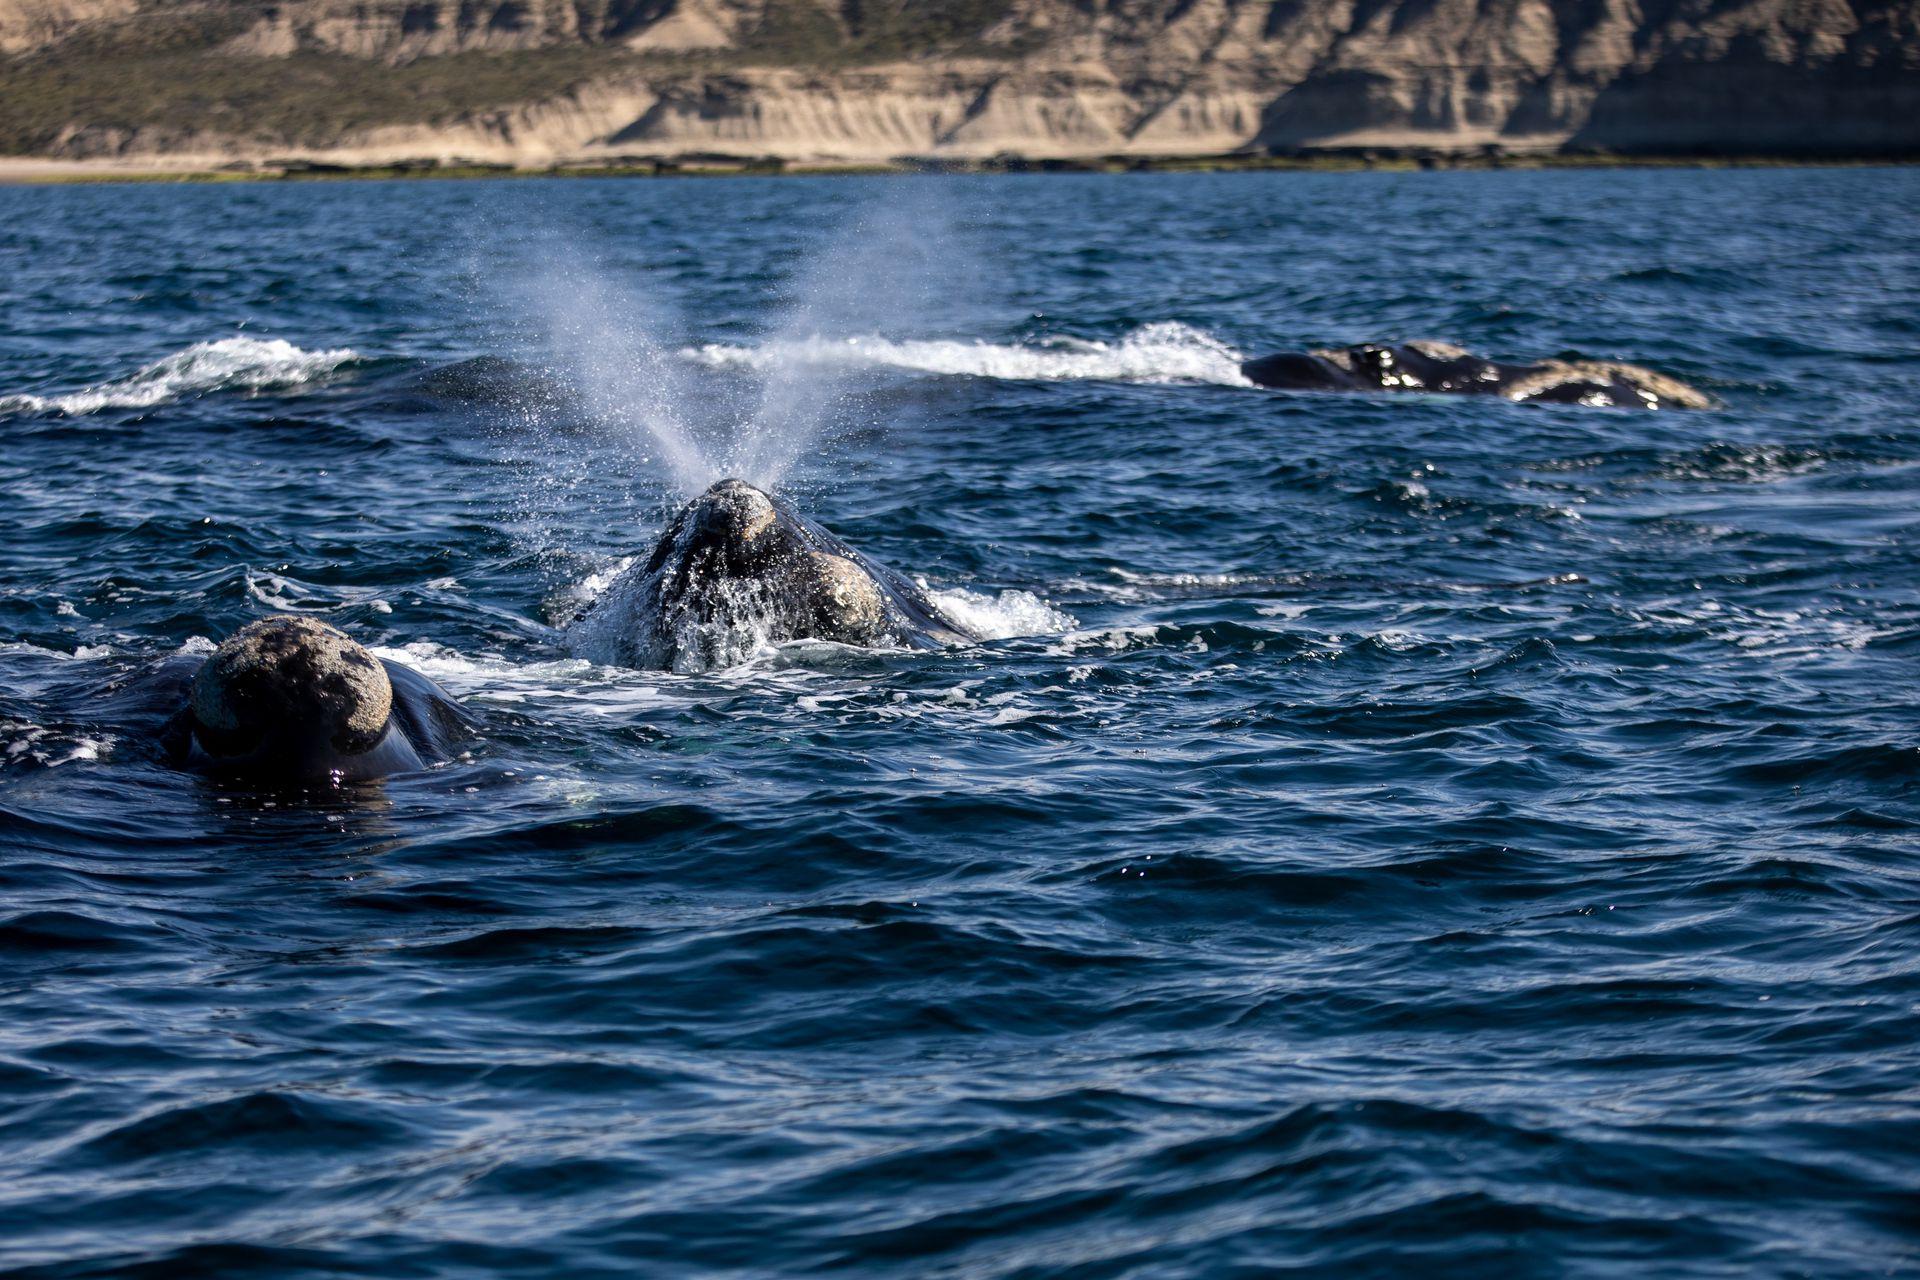 Muchas ballenas, curiosas y sociables, se acercan a las embarcaciones y permiten verlas desde muy cerca